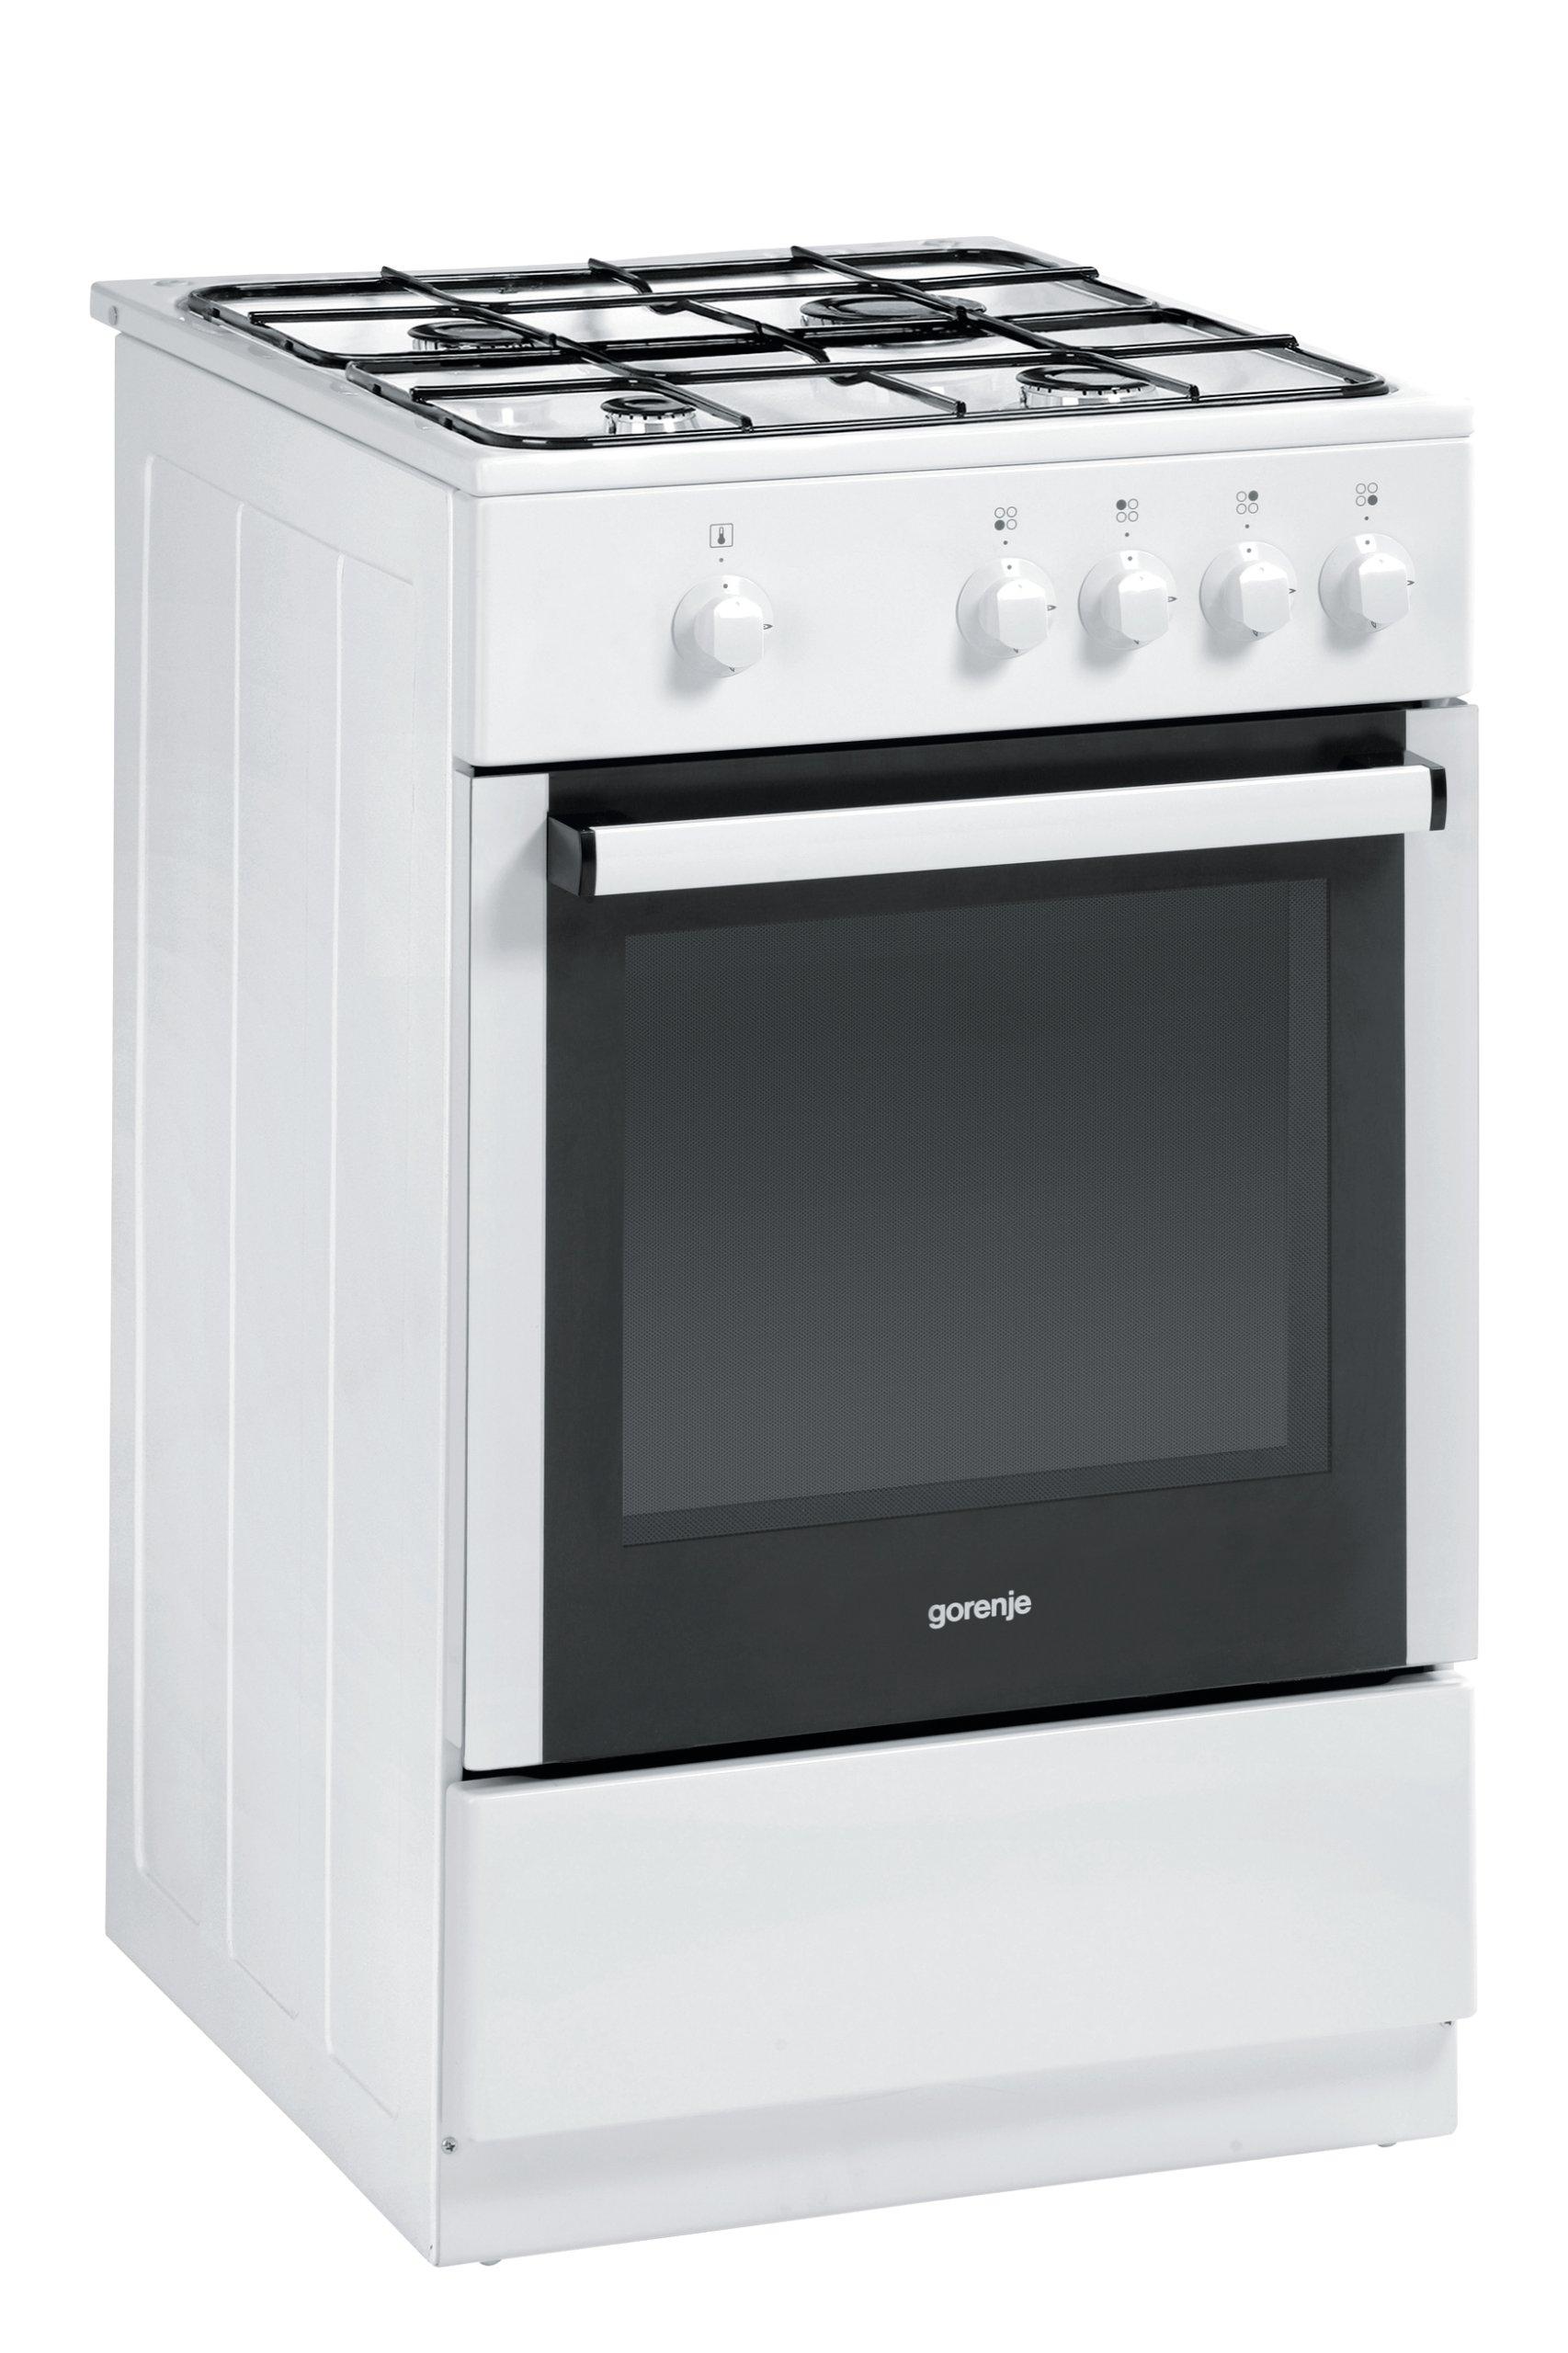 Kuchnia Gazowa Gorenje G51100aw 50cm 55l Promocja